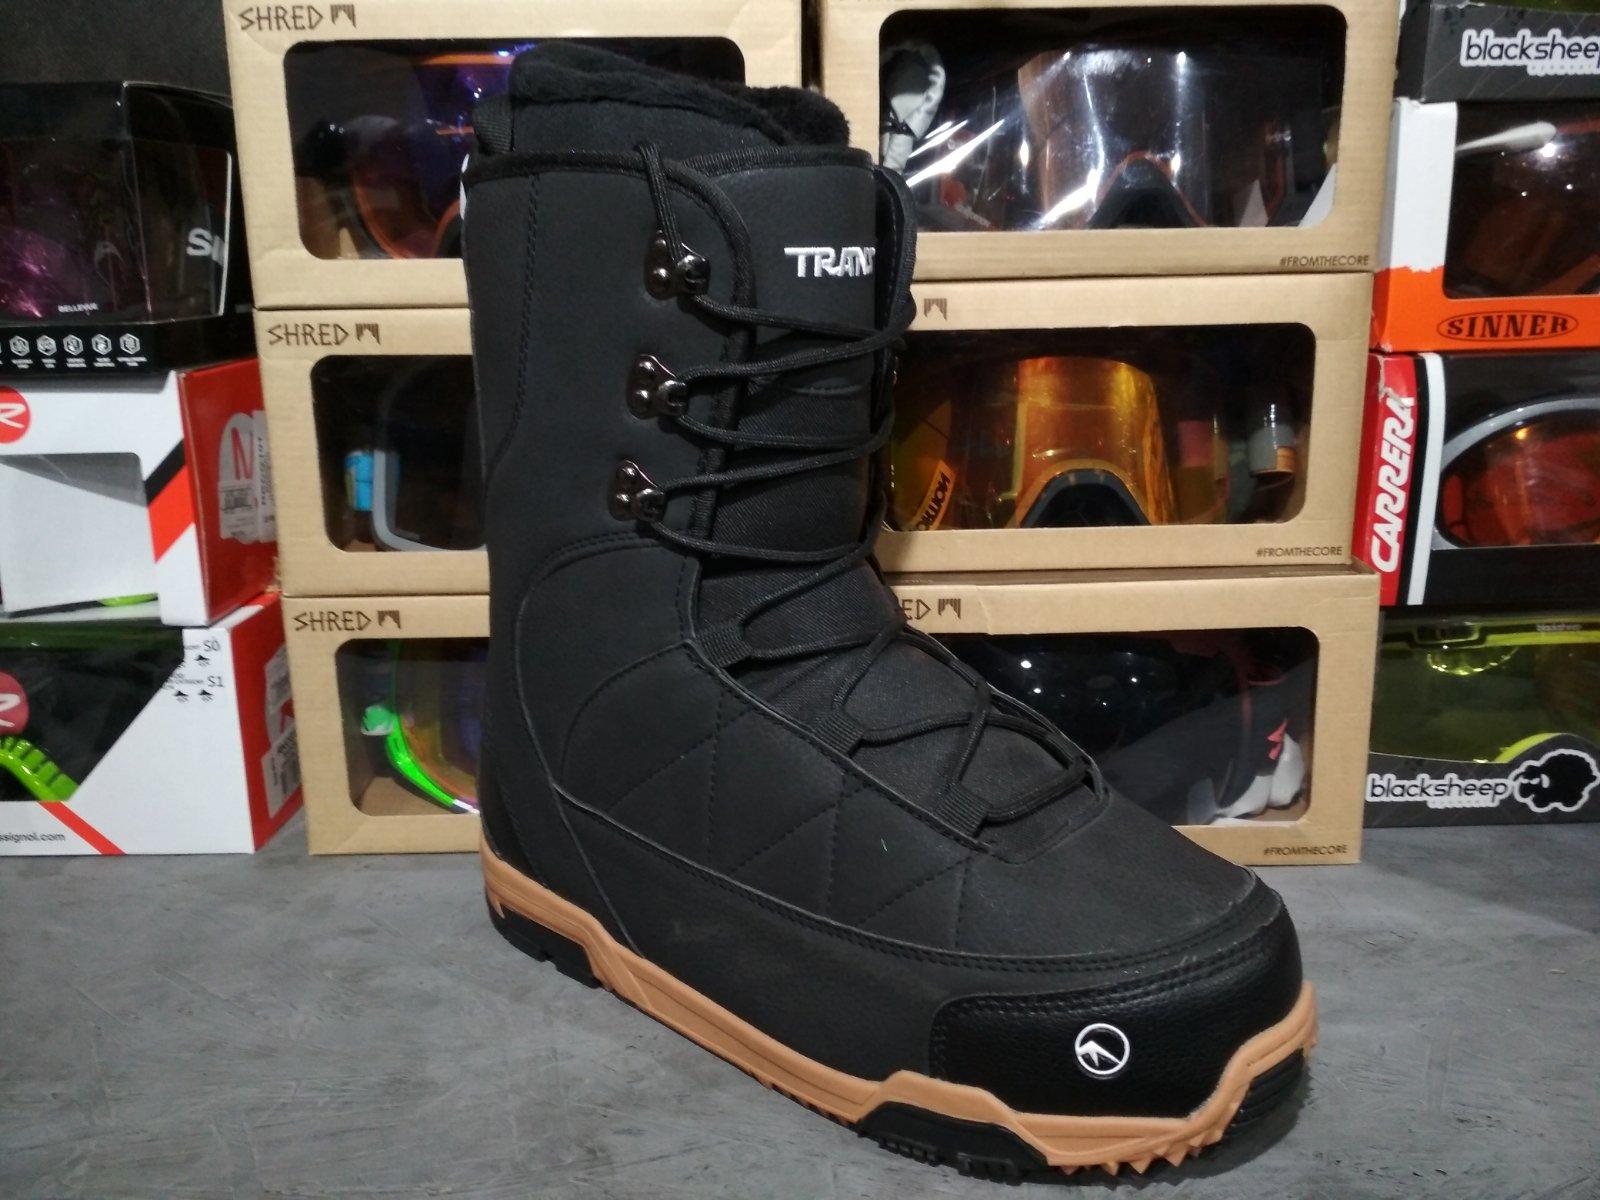 Ботинки сноубордические Trans (чёрные)